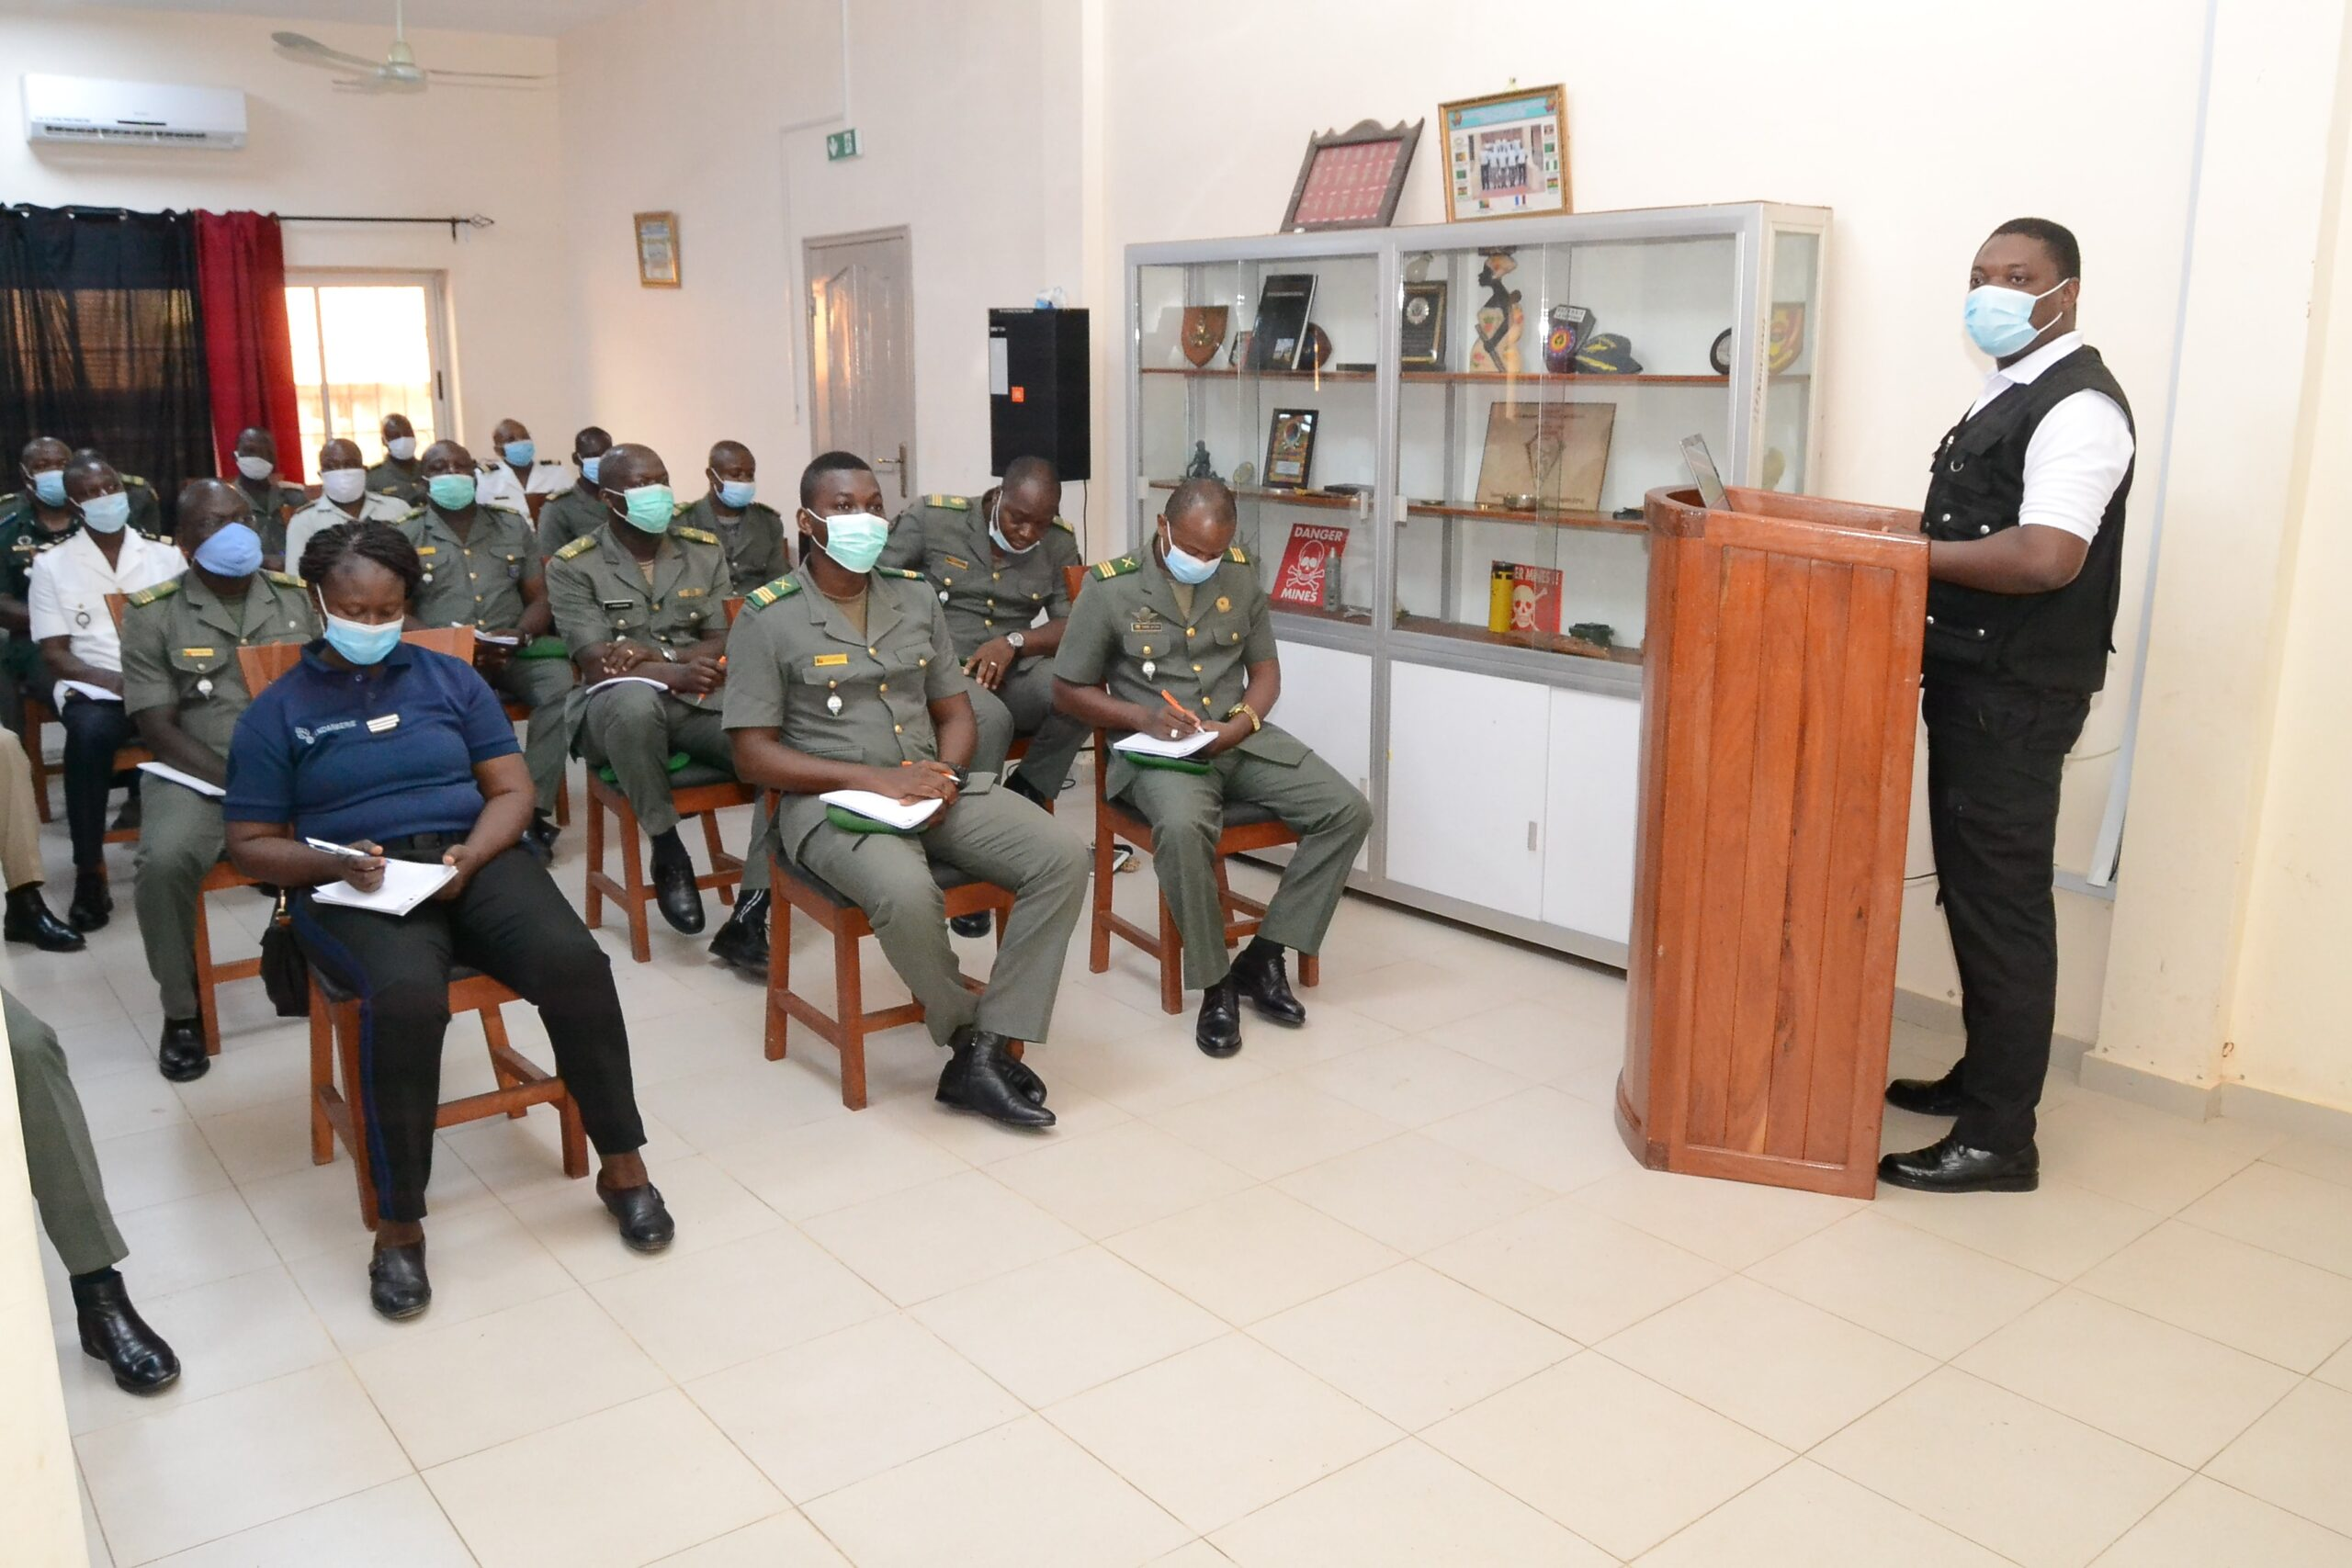 Le 16ème Cours d'Etat-Major de l'Ecole Nationale Supérieure des Armées (ENSA) en visite au CPADD